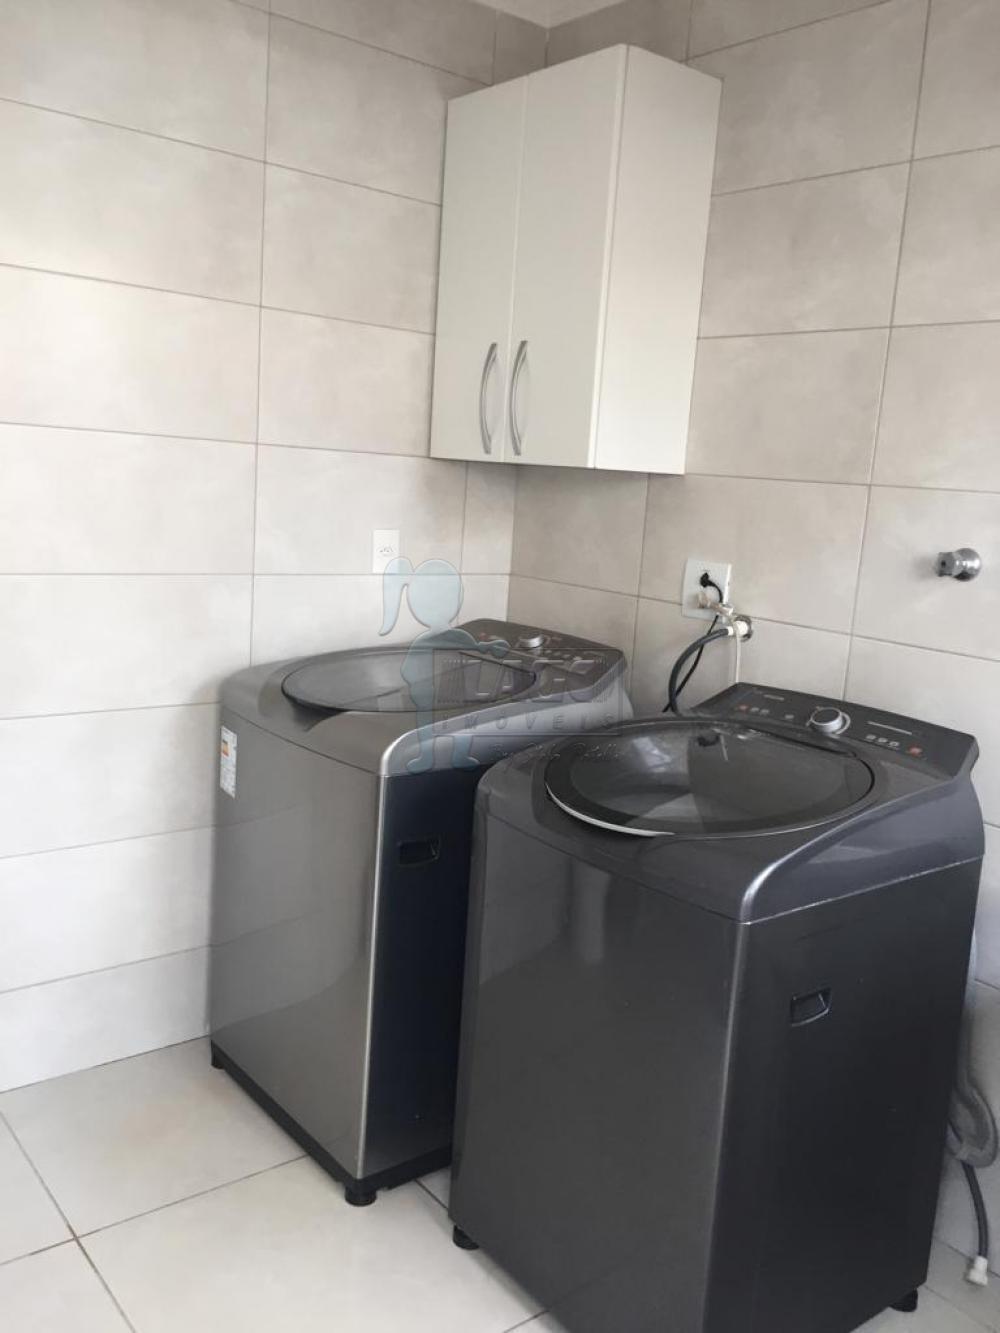 Comprar Casas / Condomínio em Ribeirão Preto apenas R$ 495.000,00 - Foto 11